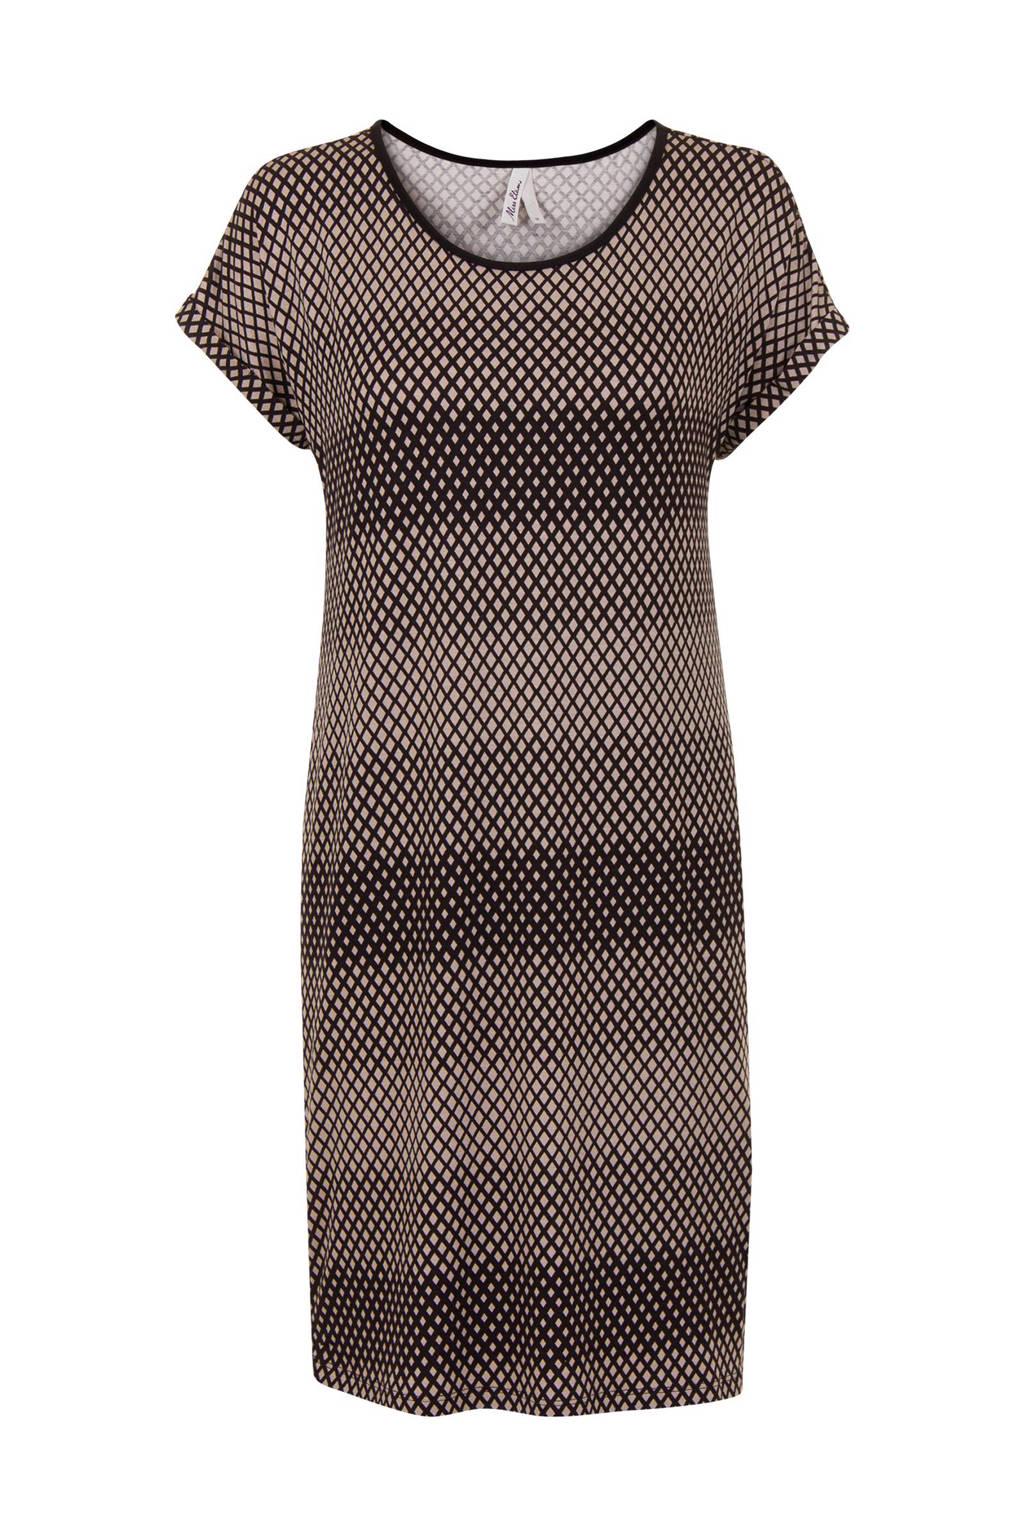 Miss Etam Lang jurk, Zwart/beige